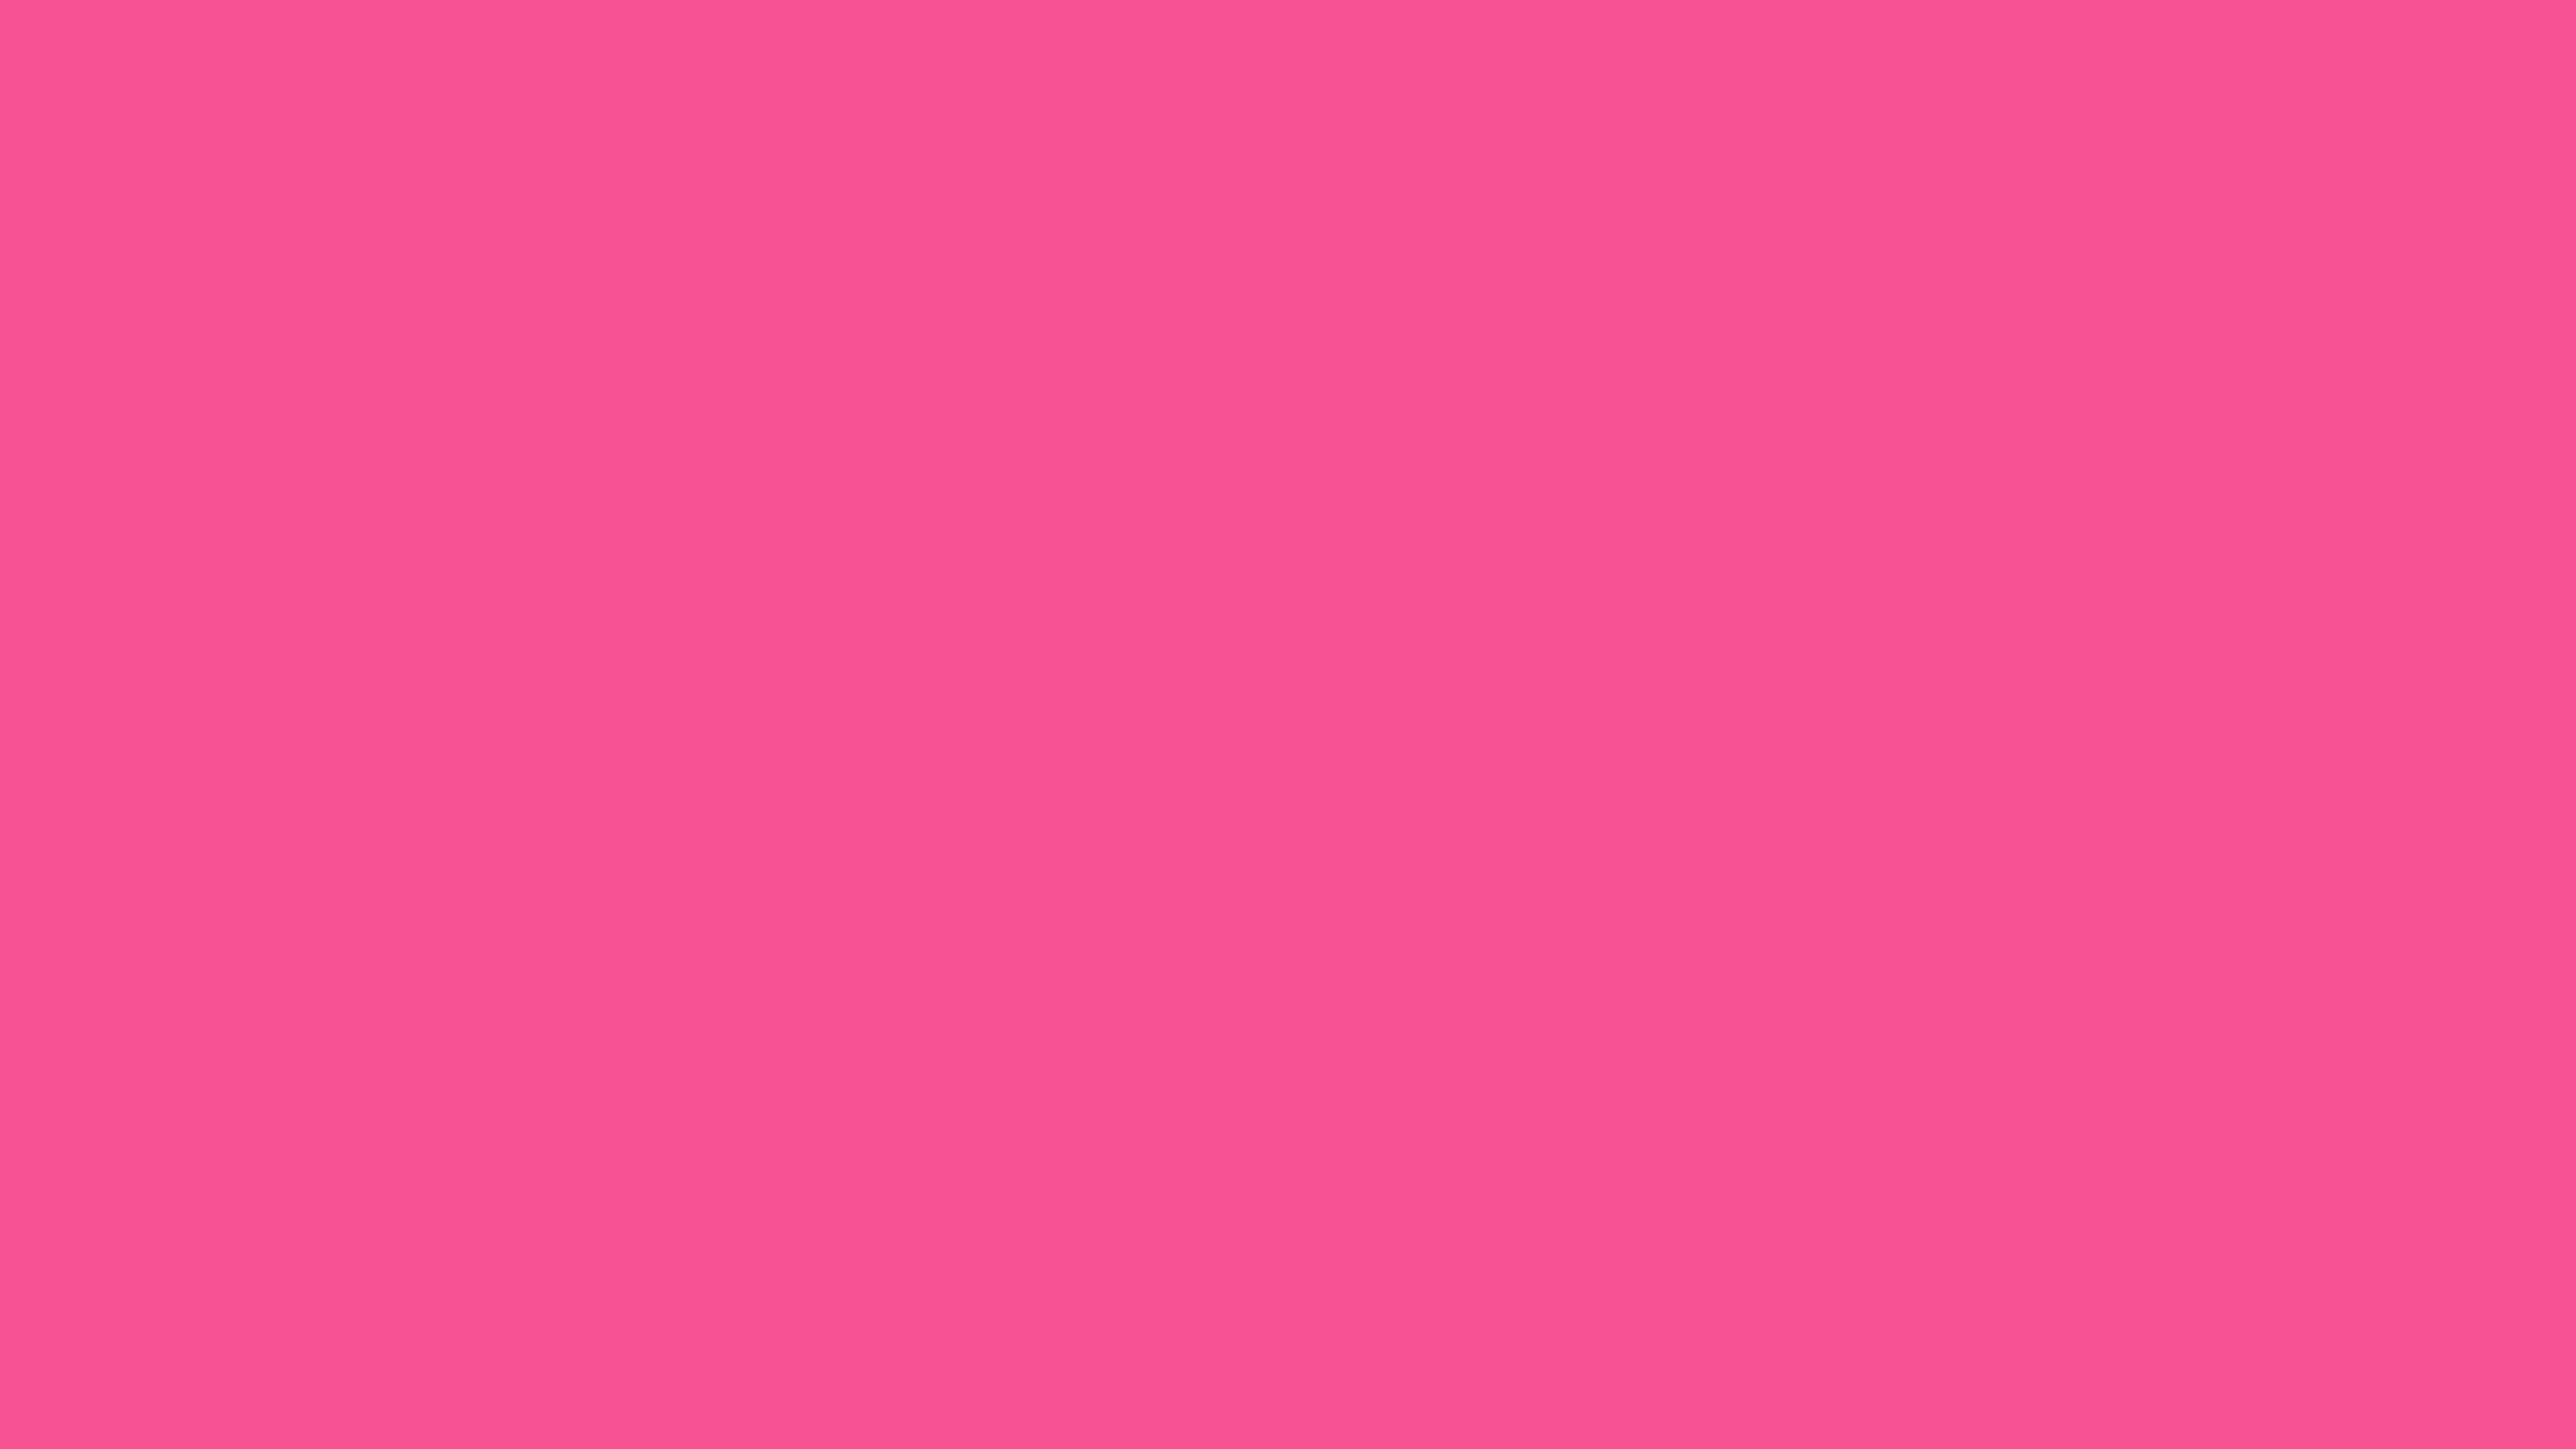 5120x2880 Violet-red Solid Color Background